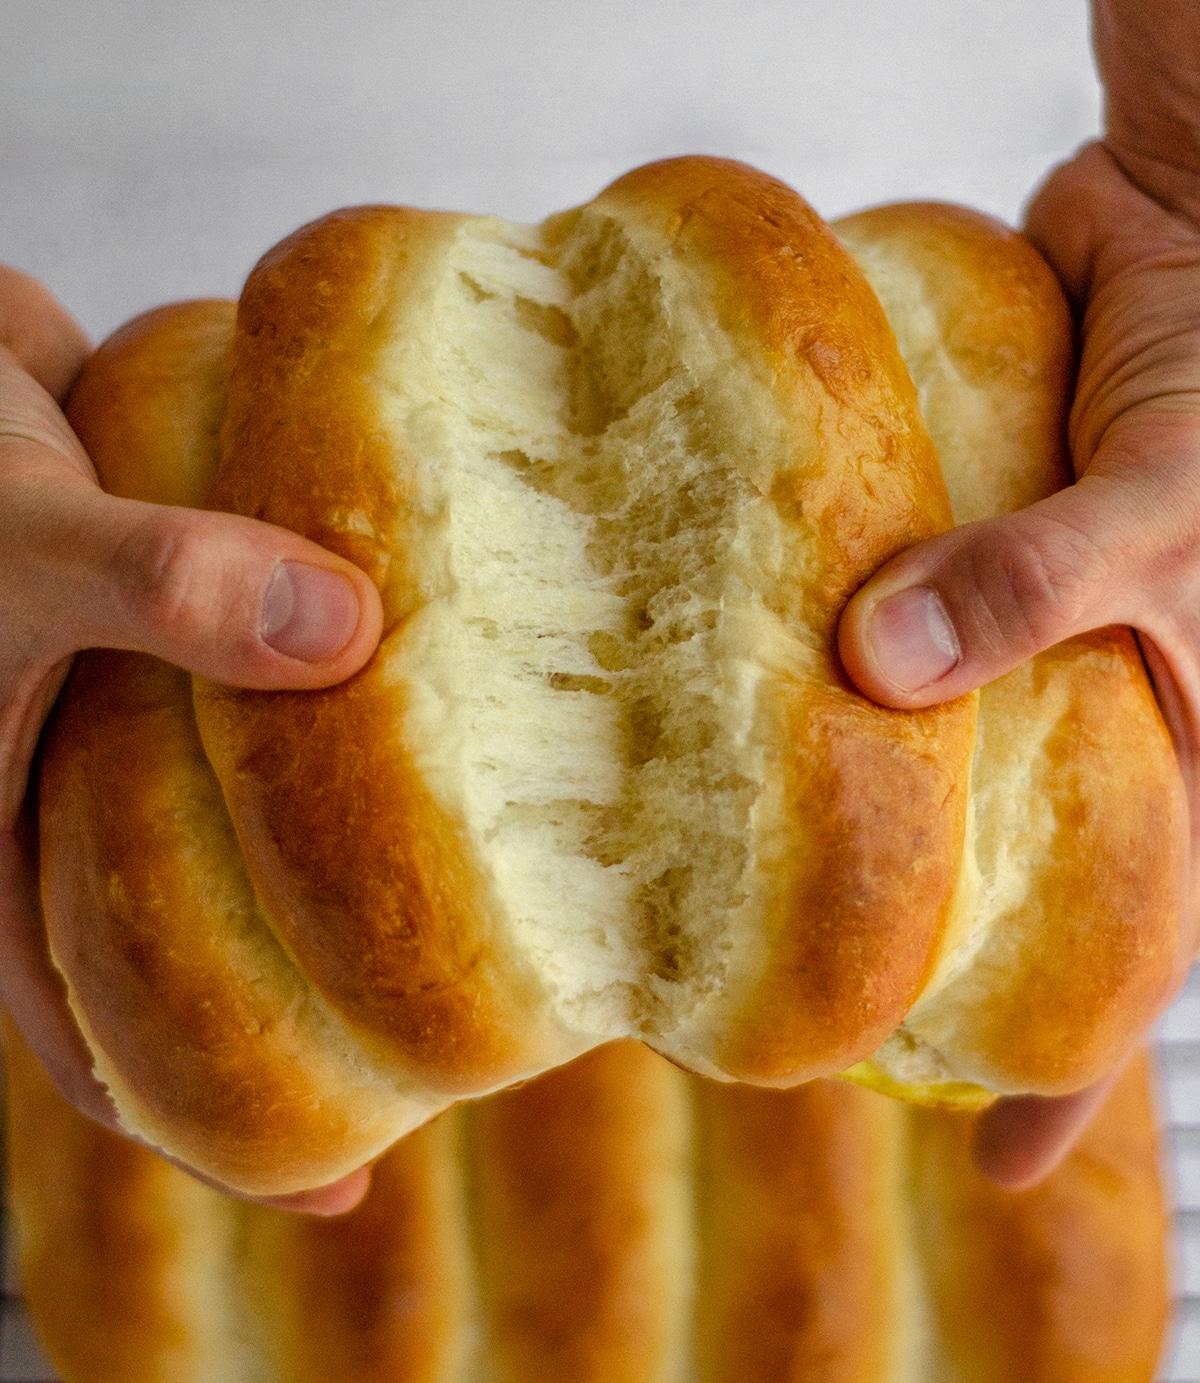 hands pulling apart homemade hot dug buns